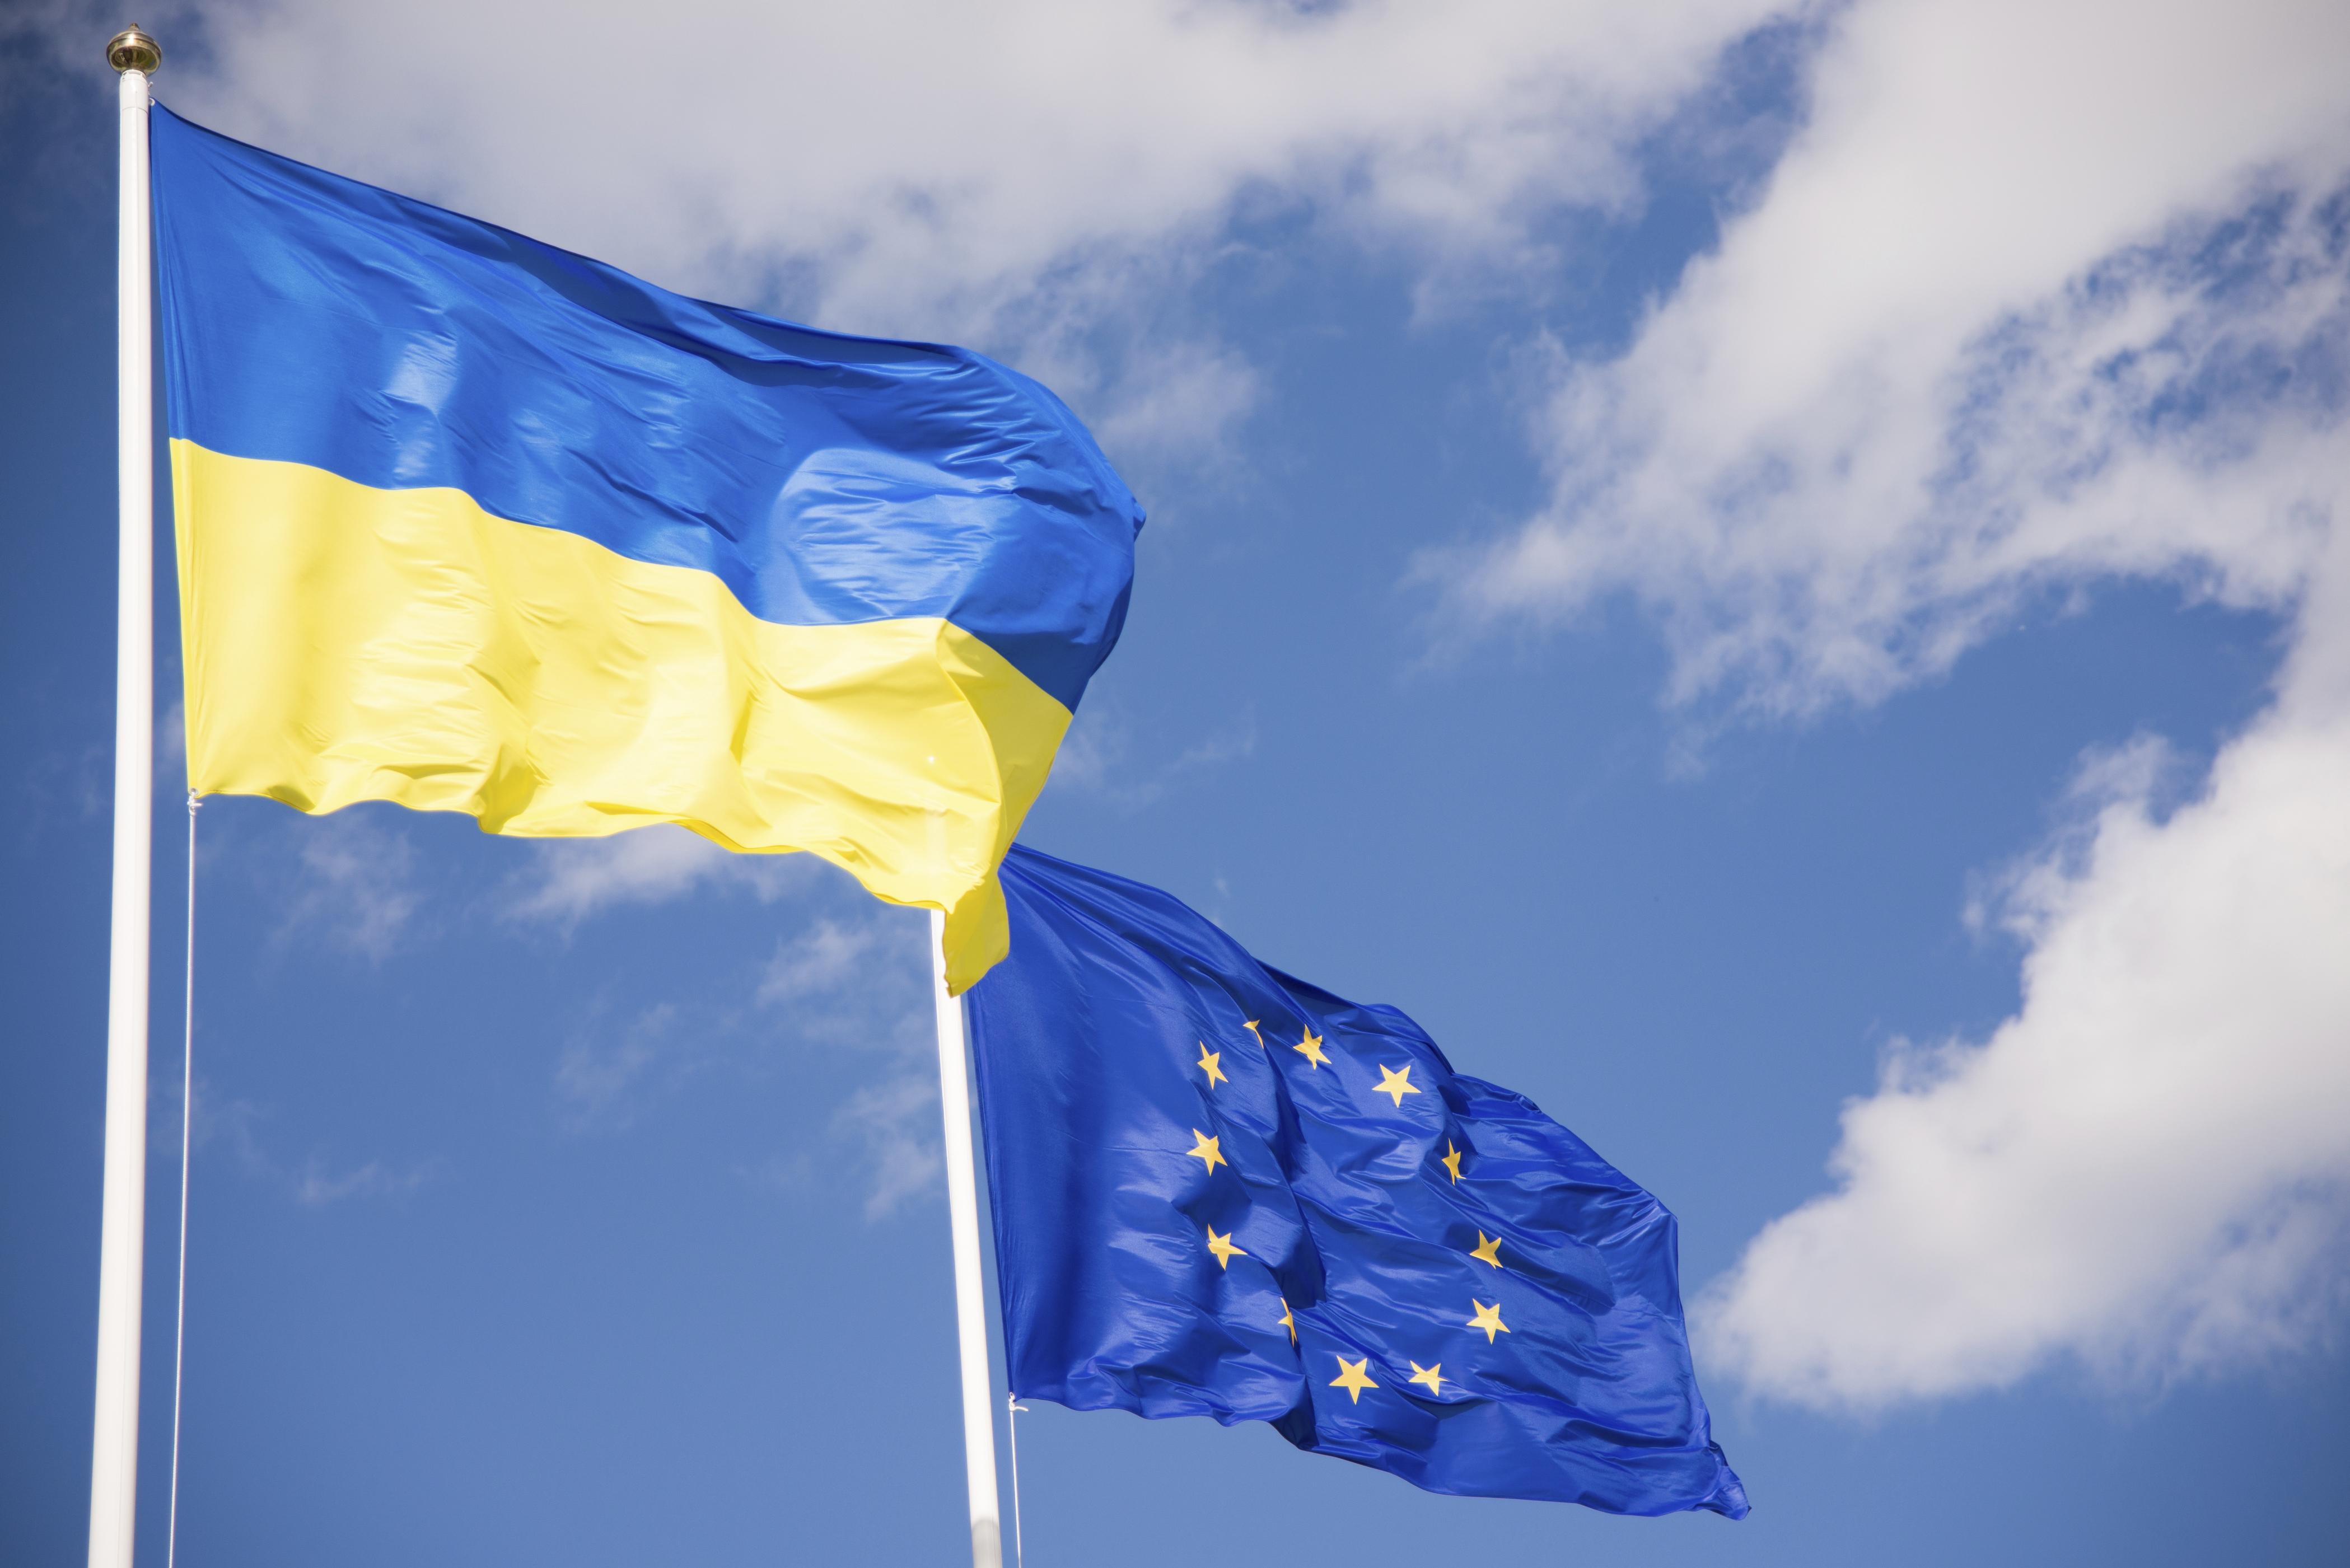 Ucraina-mizează-pe-sprijinul-statelor-UE-pentru-eliberarea-prizonierilor-ucraineni-deținuți-de-Moscova